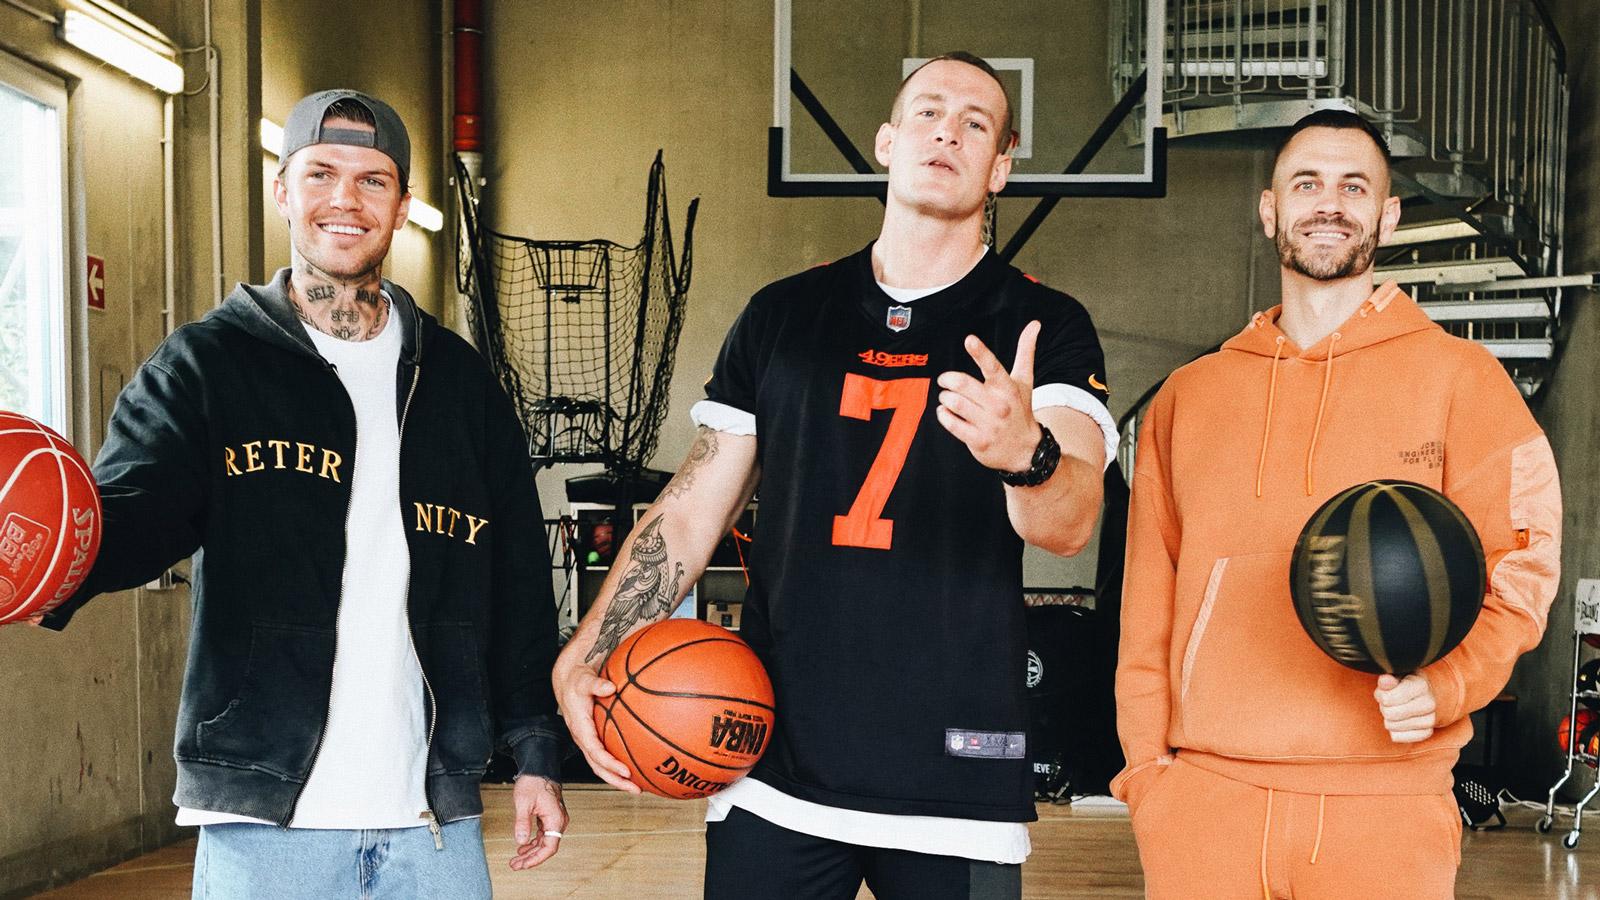 Hiphop meets Basketball: Rapper Coach Bennet & Trainer Paul Gudde im Interview mit Luke